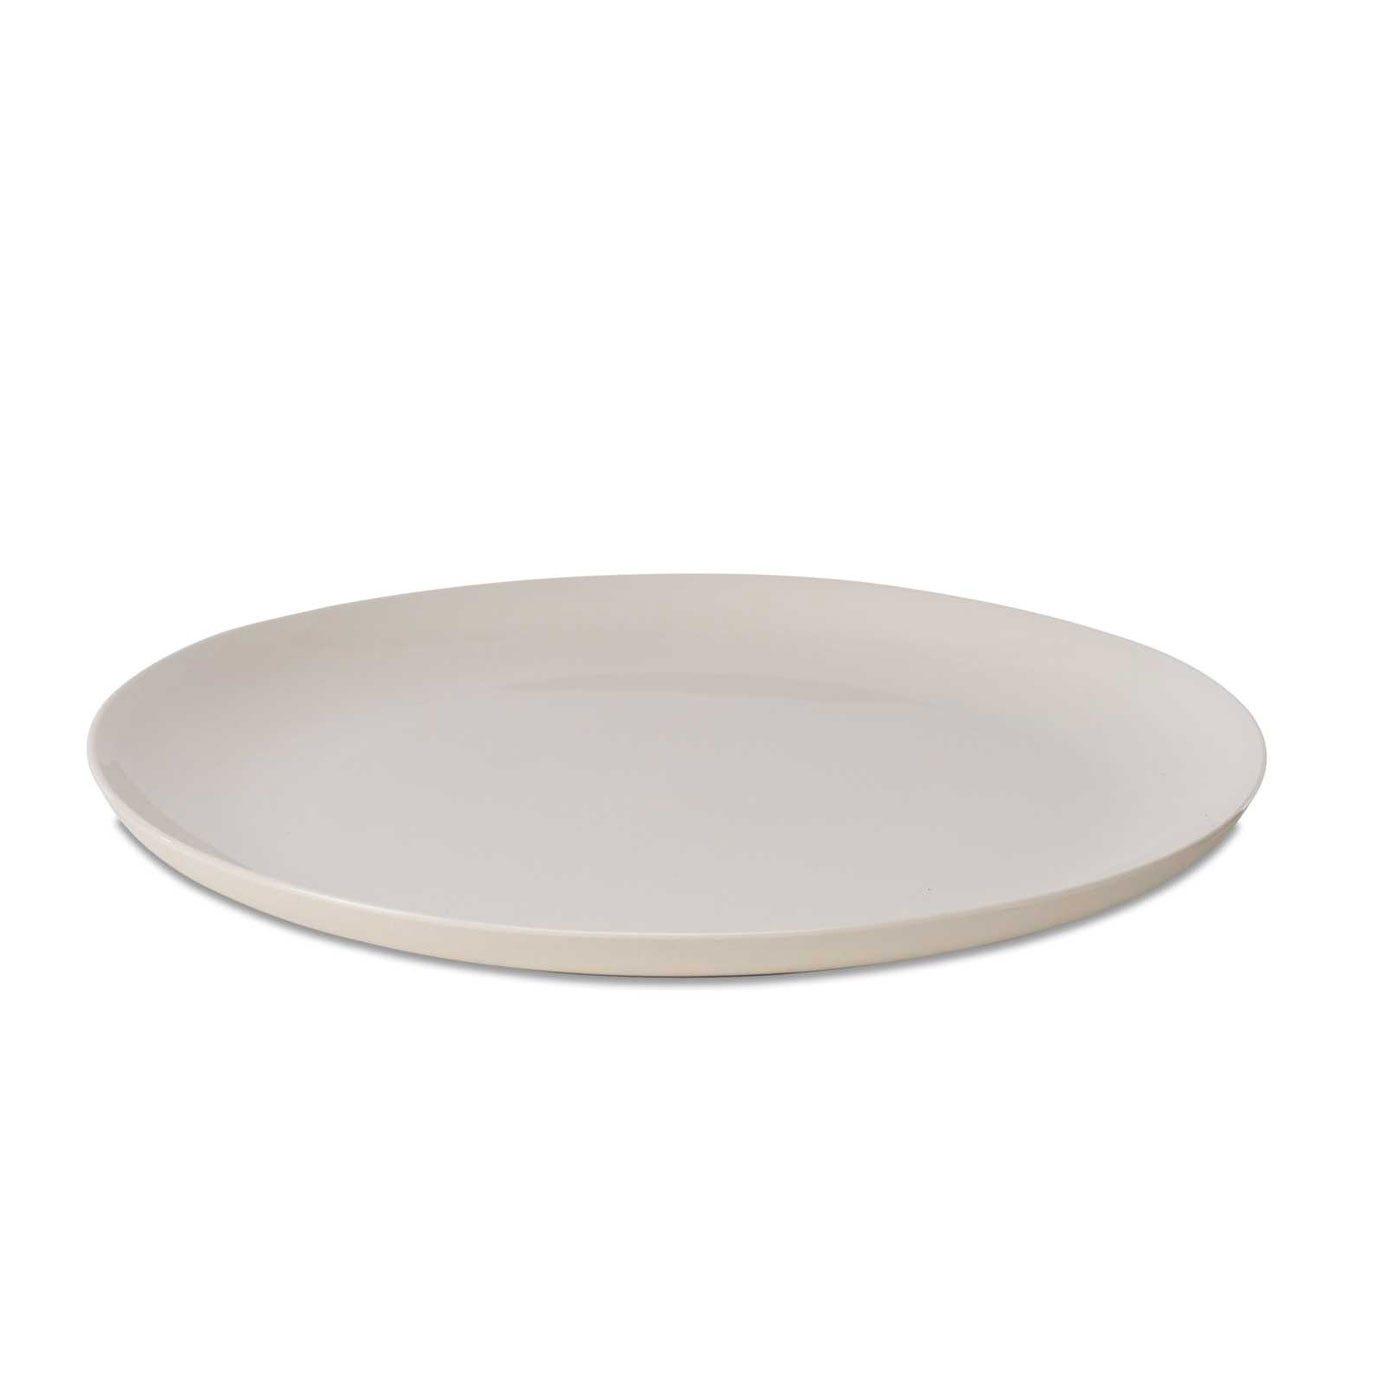 Biviri Platter